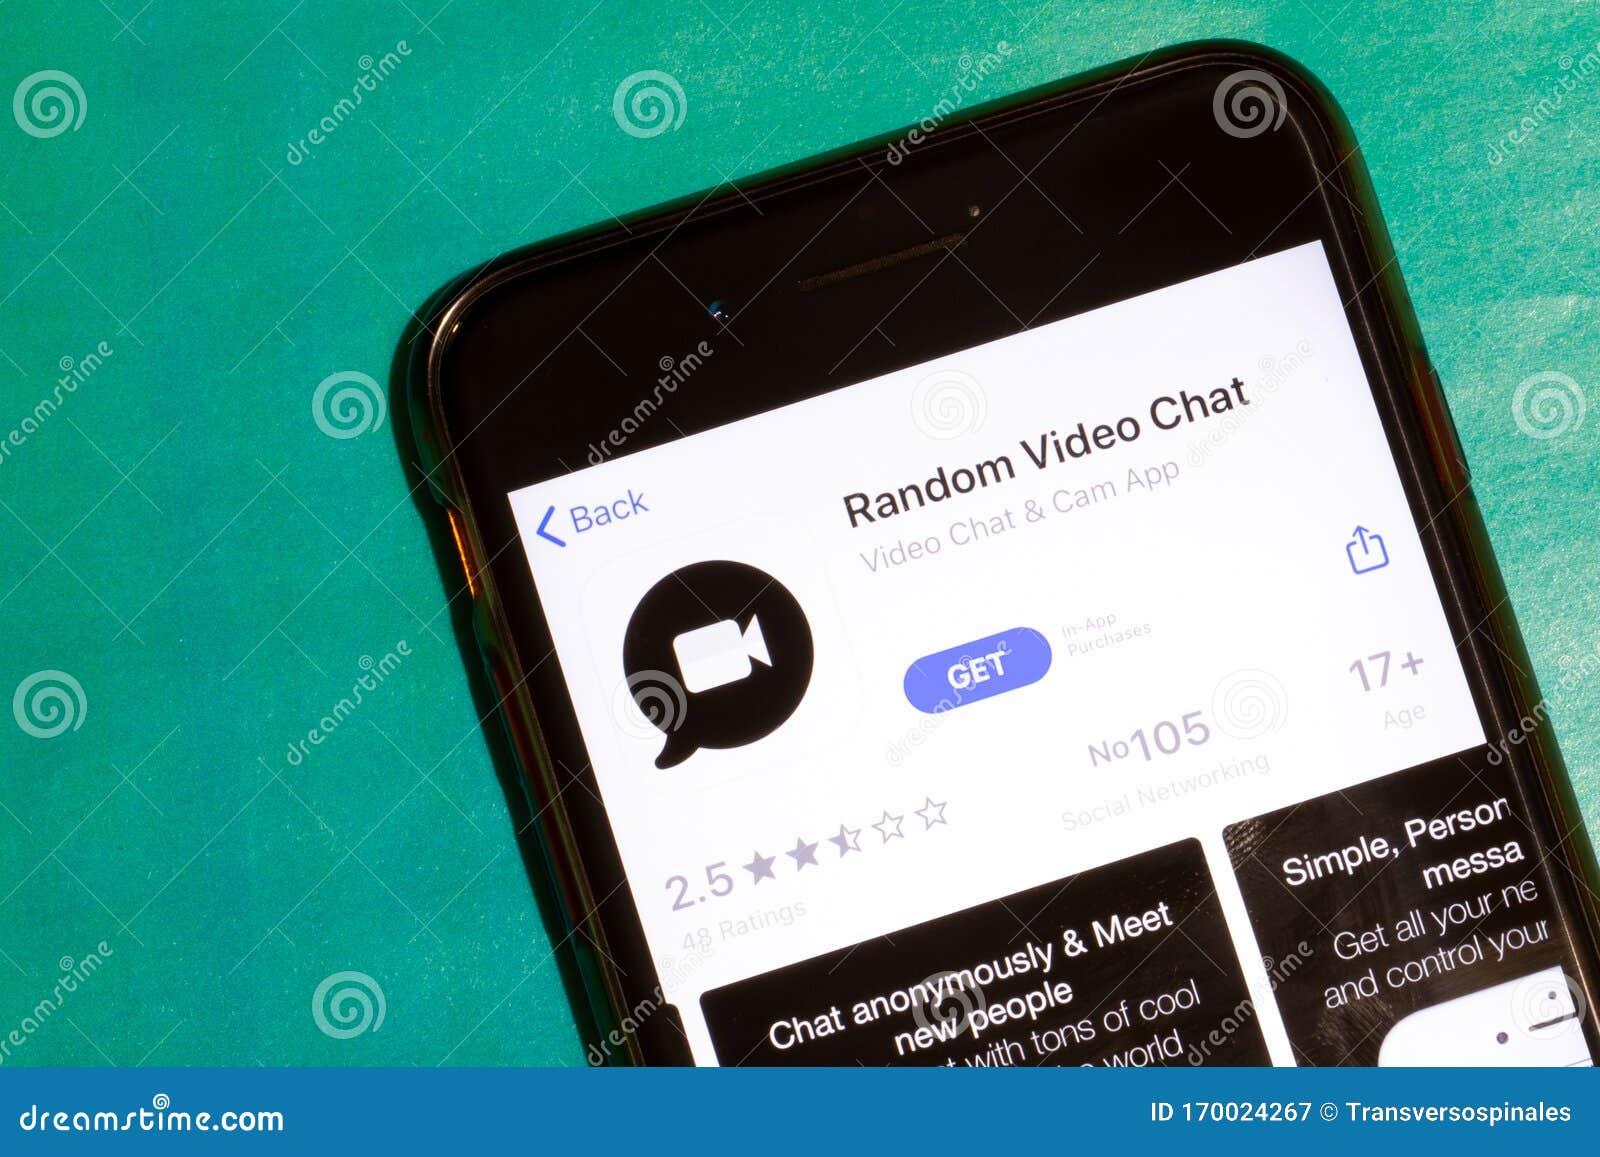 Video chat random ChatPlanet